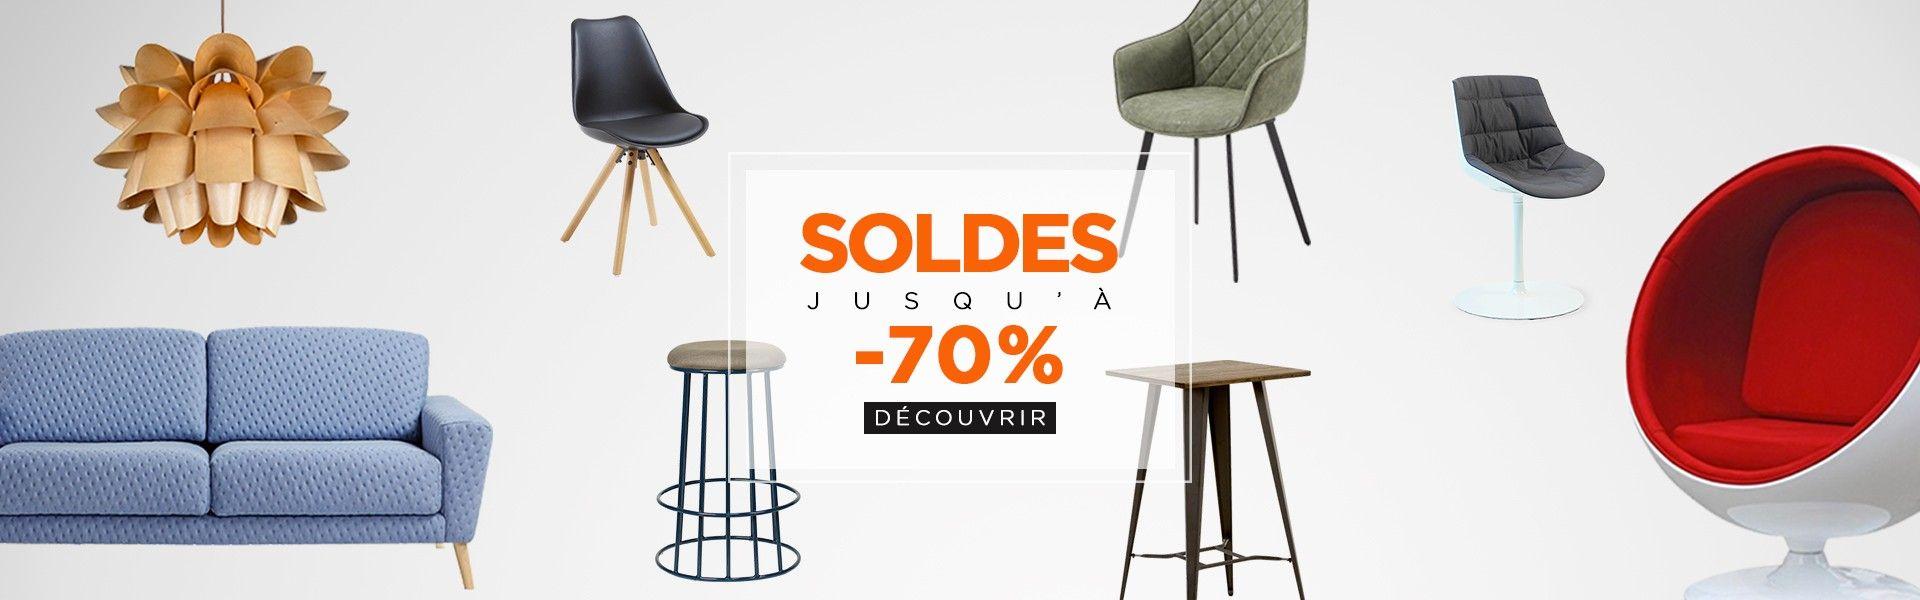 soldes hiver 2018 meubles et design